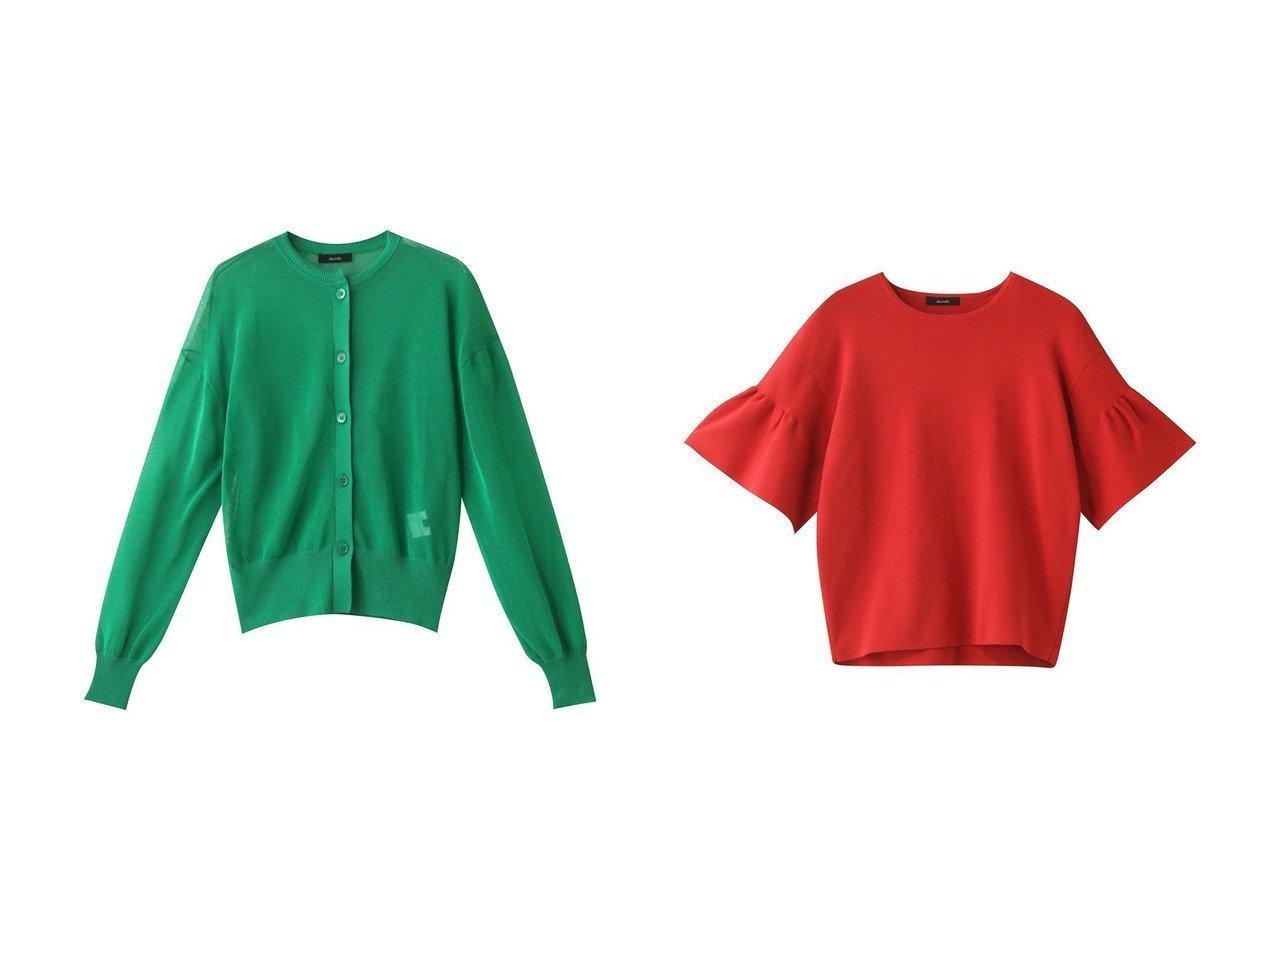 【allureville/アルアバイル】のシアーコイルヤーンブルゾンカーディガン&総針ギャザーフレアSL プルオーバー 【トップス・カットソー】おすすめ!人気、トレンド・レディースファッションの通販  おすすめで人気の流行・トレンド、ファッションの通販商品 インテリア・家具・メンズファッション・キッズファッション・レディースファッション・服の通販 founy(ファニー) https://founy.com/ ファッション Fashion レディースファッション WOMEN トップス・カットソー Tops/Tshirt ニット Knit Tops プルオーバー Pullover カーディガン Cardigans ギャザー スリーブ フレア 半袖 カーディガン シアー シンプル トレンド  ID:crp329100000049297